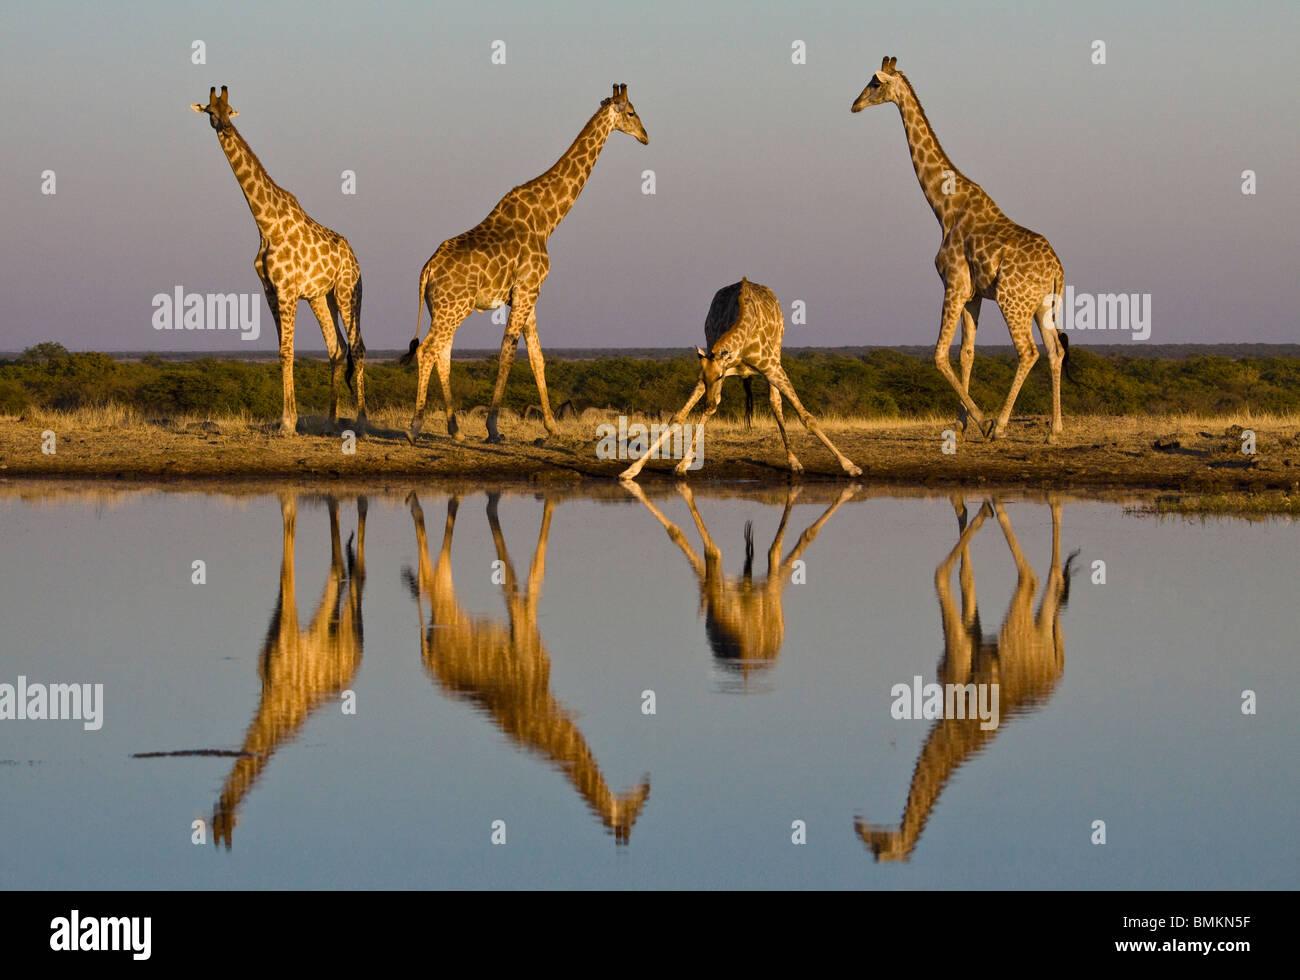 Giraffe al foro per l'acqua, riflessa nell'acqua, Etosha Pan, Namibia Immagini Stock